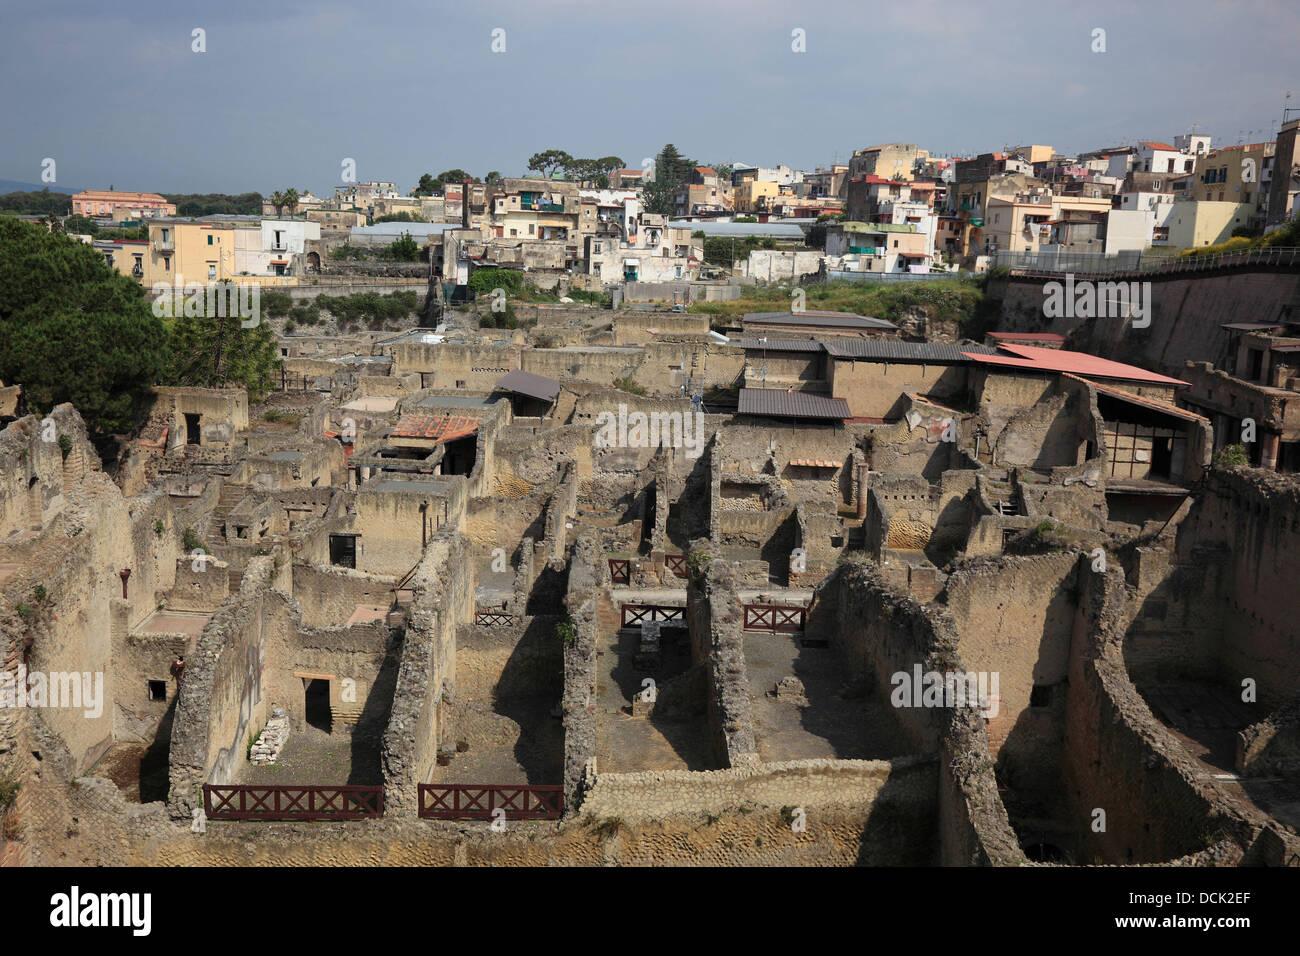 Ancient City of Herculaneum, Campania, Italy Stock Photo